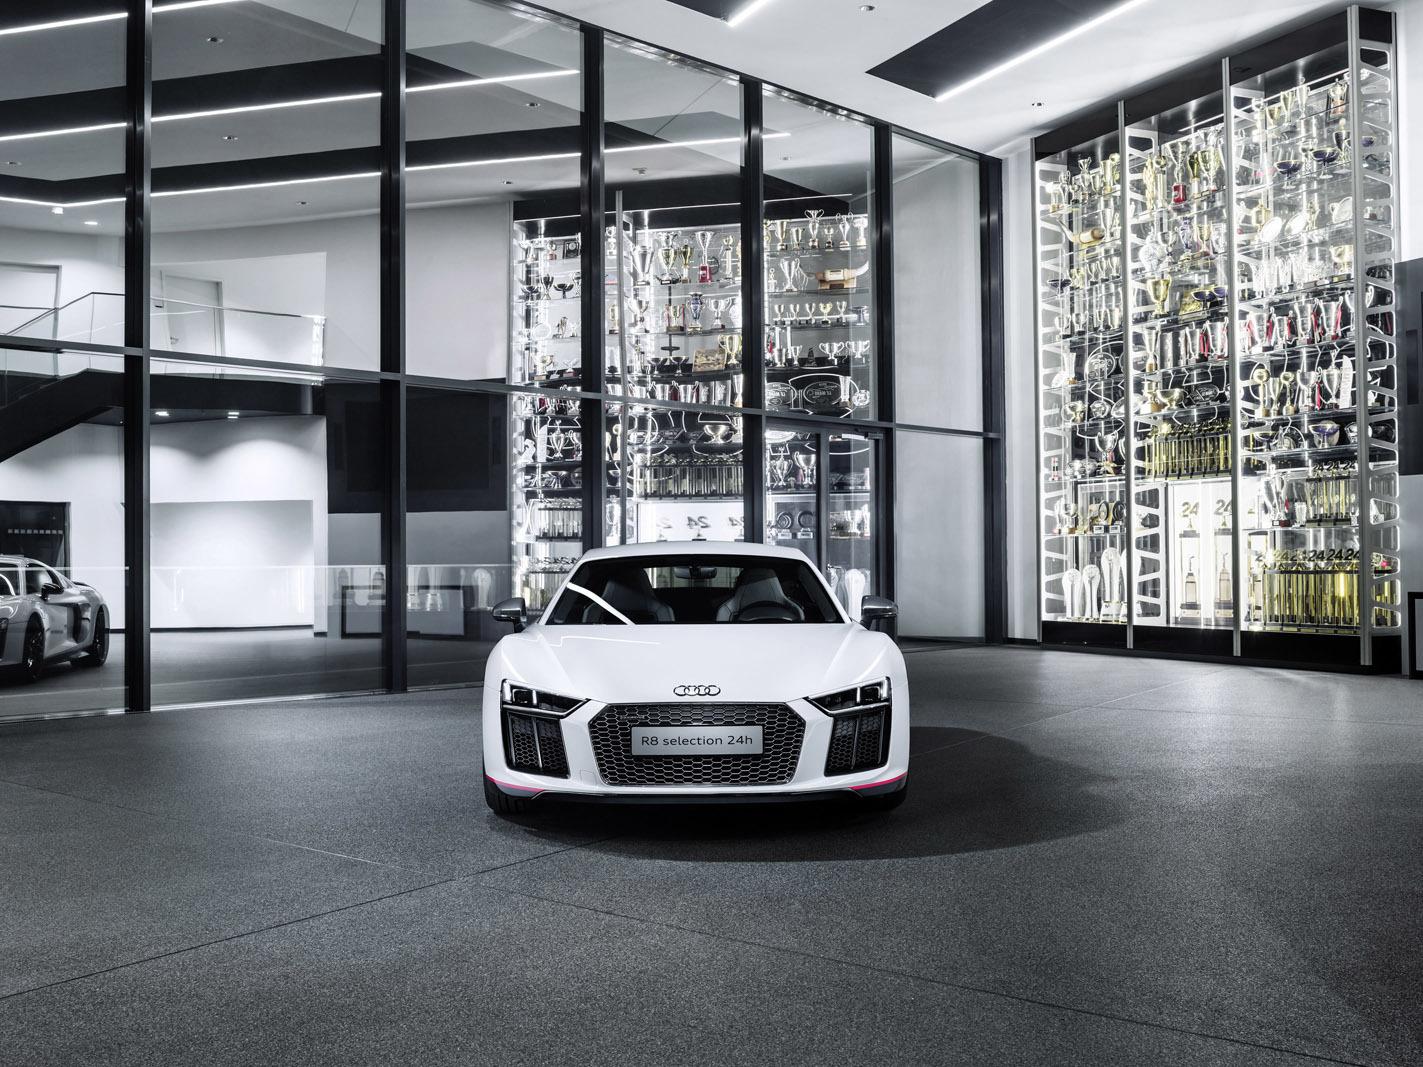 """Foto de Audi R8 Coupé V10 plus """"selection 24h"""" (2/5)"""